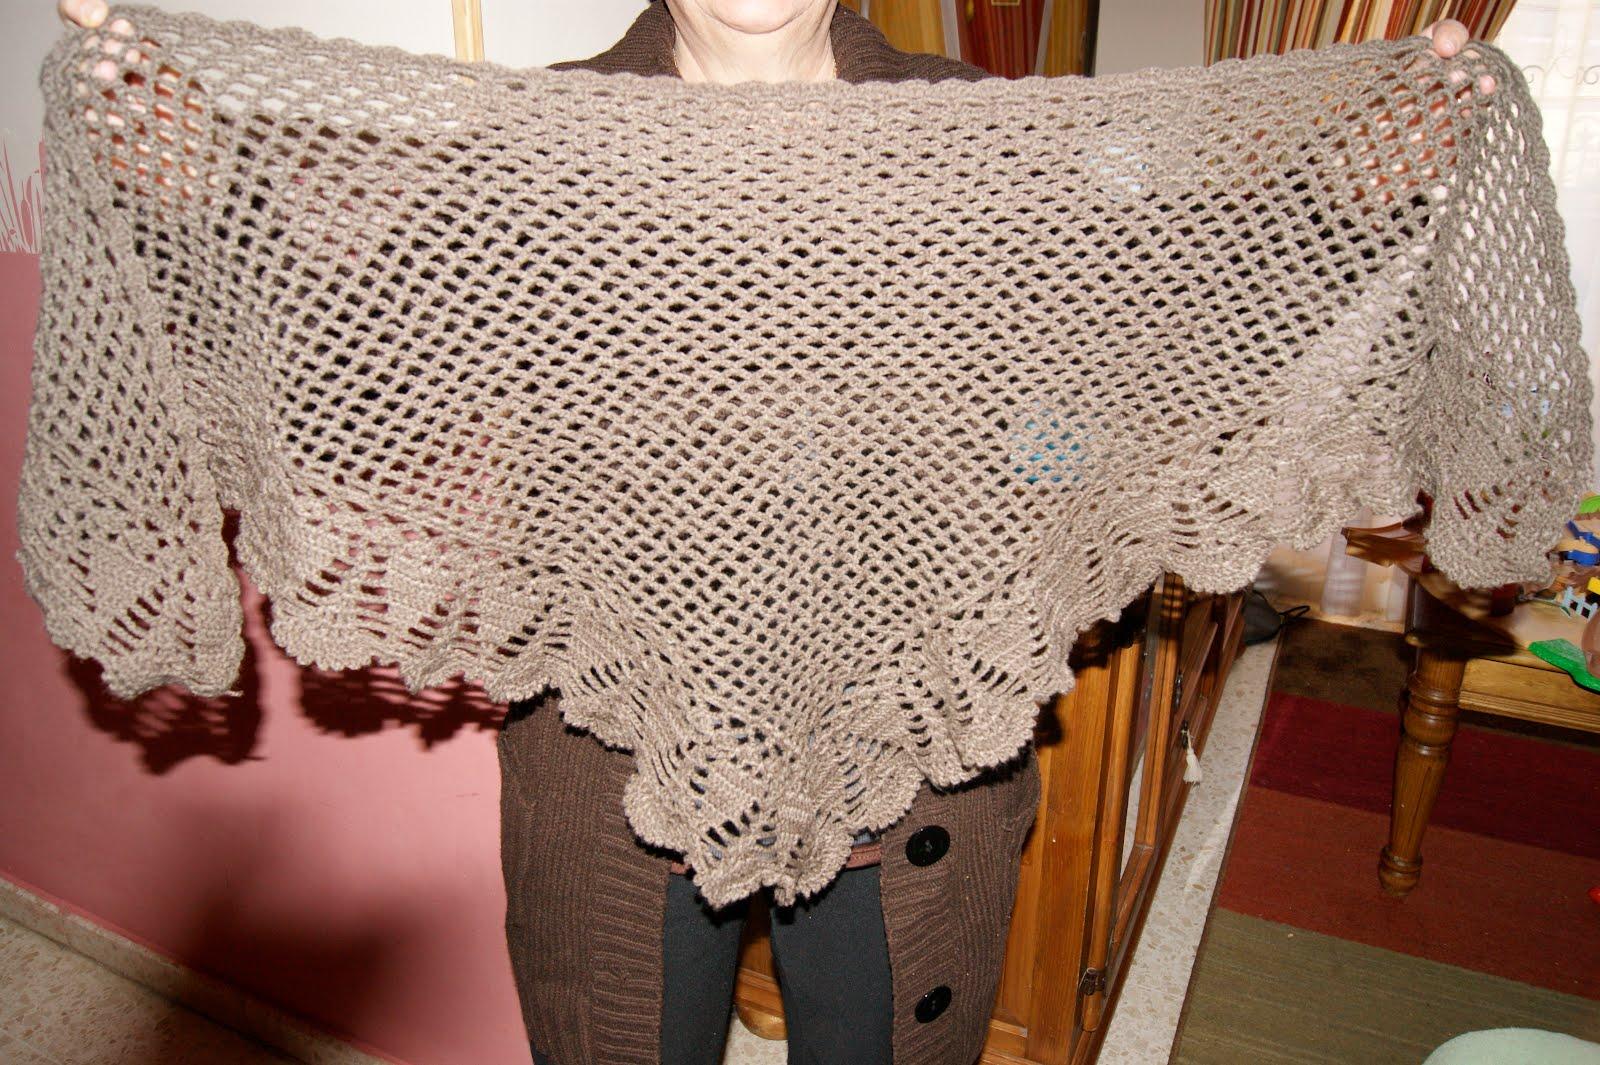 Creaciones mery mi primera toca de crochet - Toca de ganchillo ...